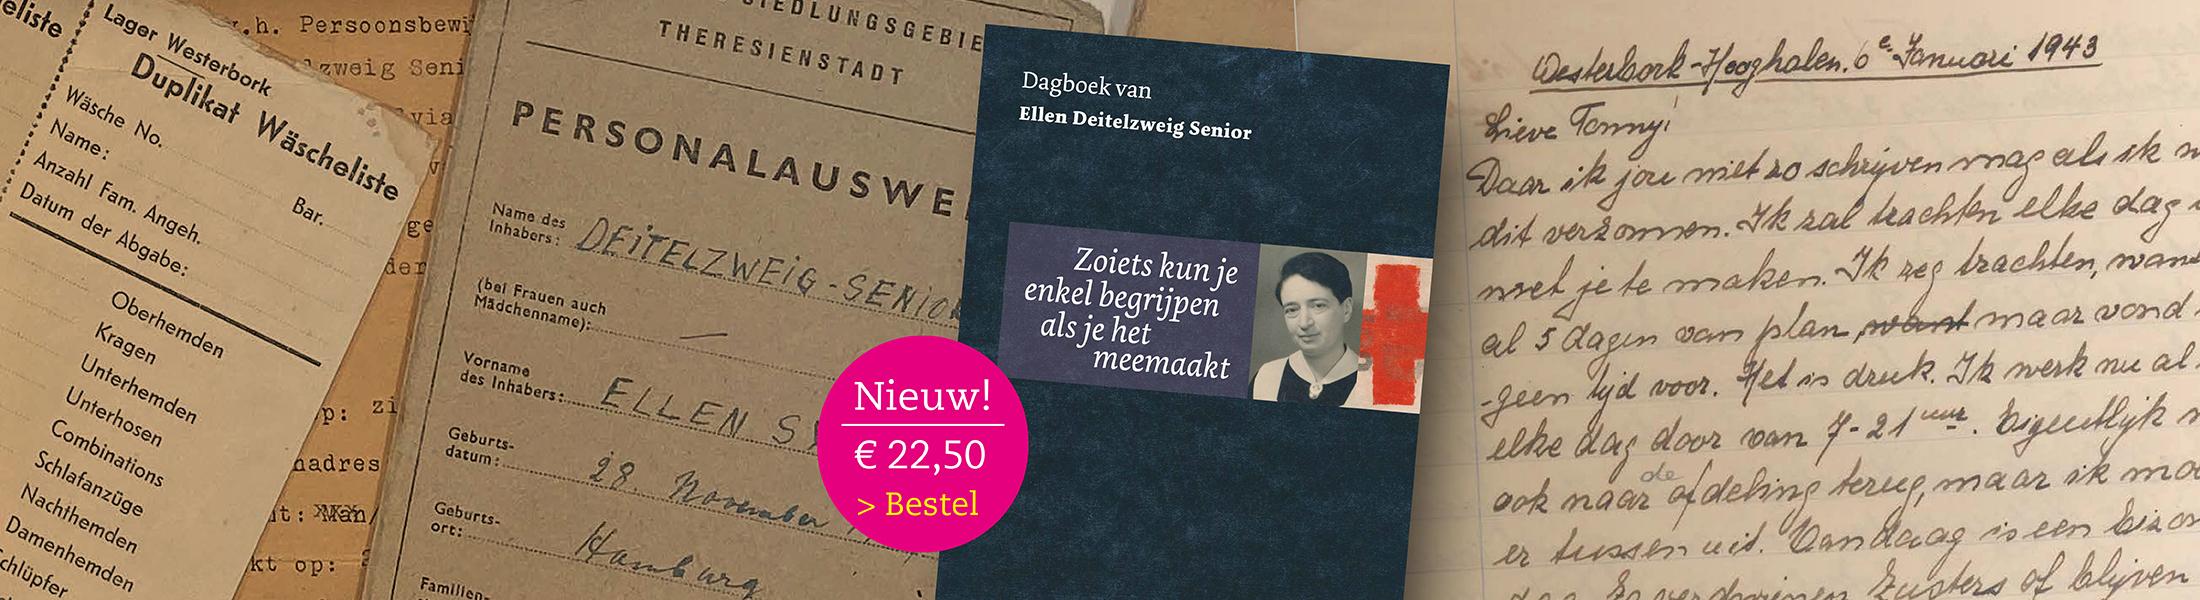 Dagboek van Ellen Deitelzweig